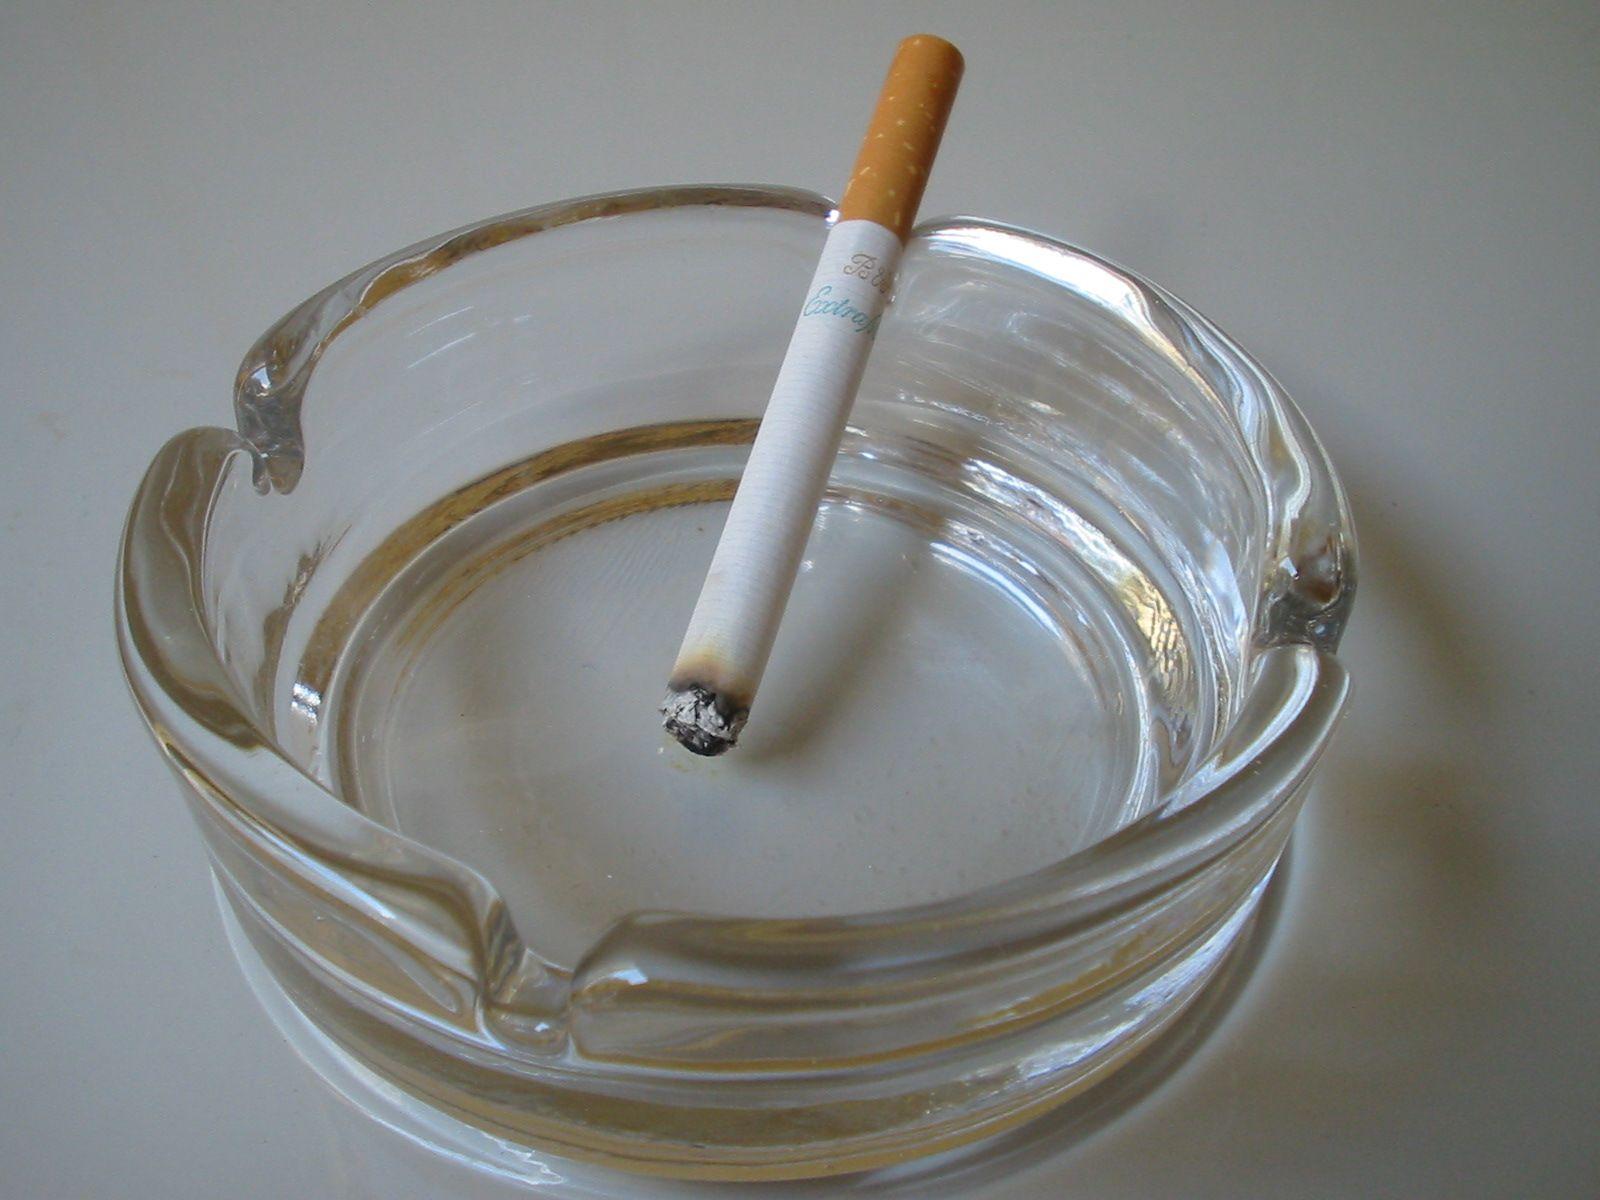 возврат табачных изделий надлежащего качества